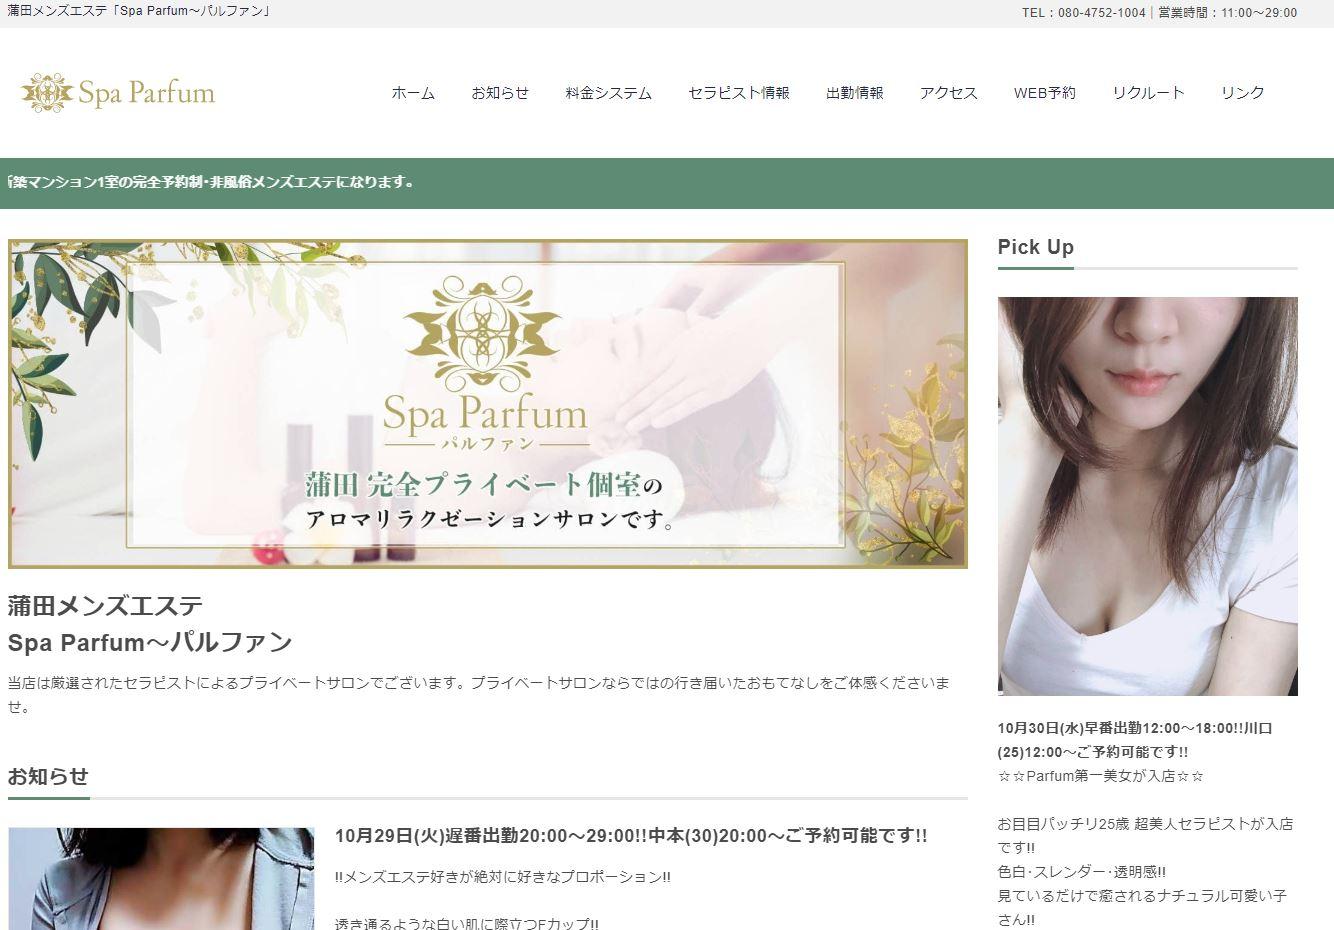 蒲田のメンズエステ店スパパルファンの写真